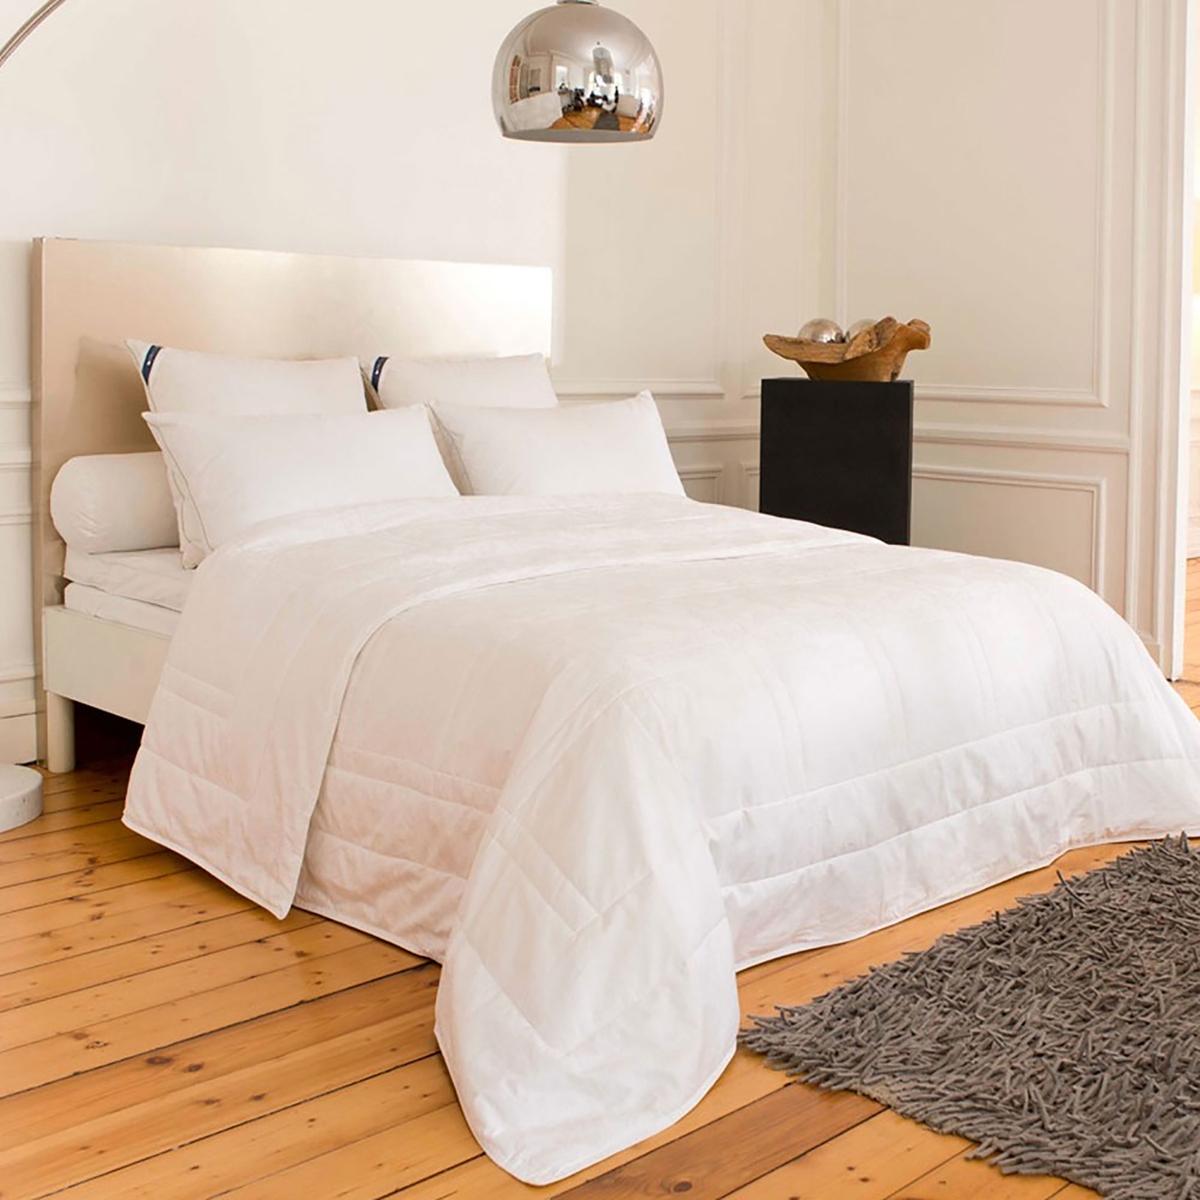 Одеяло шелковое « Phuket » . Качественный натуральный шелк .Чехол :  жаккард 115 нитей/см2 (однотонный рисунок) 100% хлопок, мягкое и приятное на ощупь   Наполнитель :  натуральный шелковый кокон, 200 г/м2  .  Длинные шелковые волокна обеспечивают идеальную защиту от жары и холода   . Используемый в качестве наполнителя шелковый кокон позволяет вашему телу дышать и контролирует изменение температуры во время вашего сна  . Шелк обеспечит вам сладкий сон до самого пробуждения   .Прострочка в клетку для хорошего распределения наполнителя по всей поверхности одеяла Отделка бейкой, усиленная двойная прострочка  . Сухая чистка.Доставка в чемоданчике для хранения.<br><br>Цвет: белый